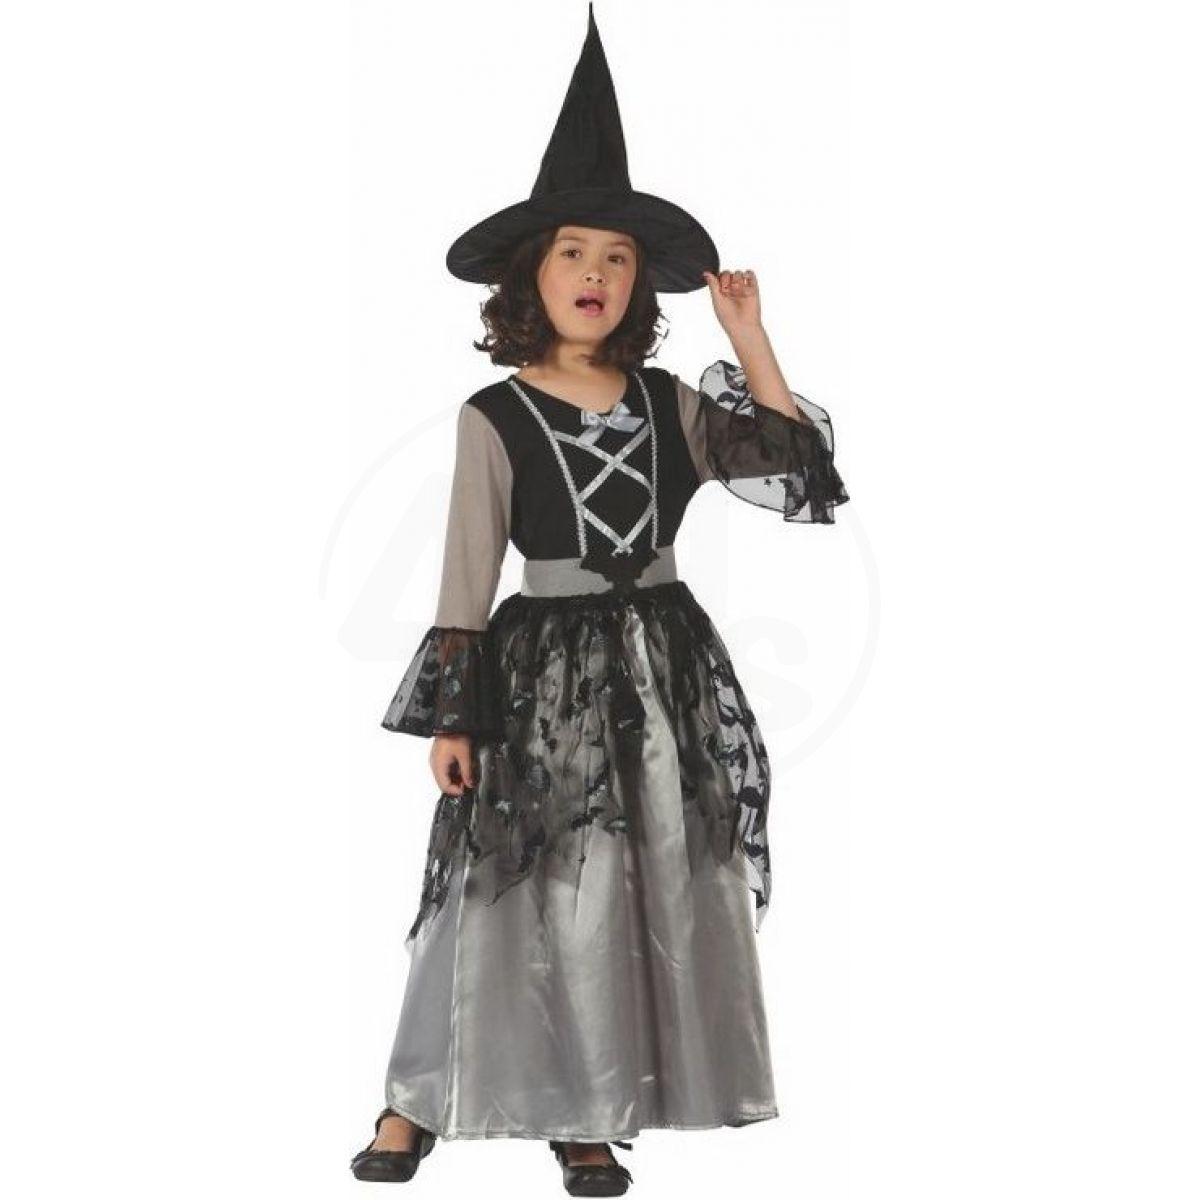 Made Dětský kostým na karneval Čarodějka 120-130 cm 3c5107732a9